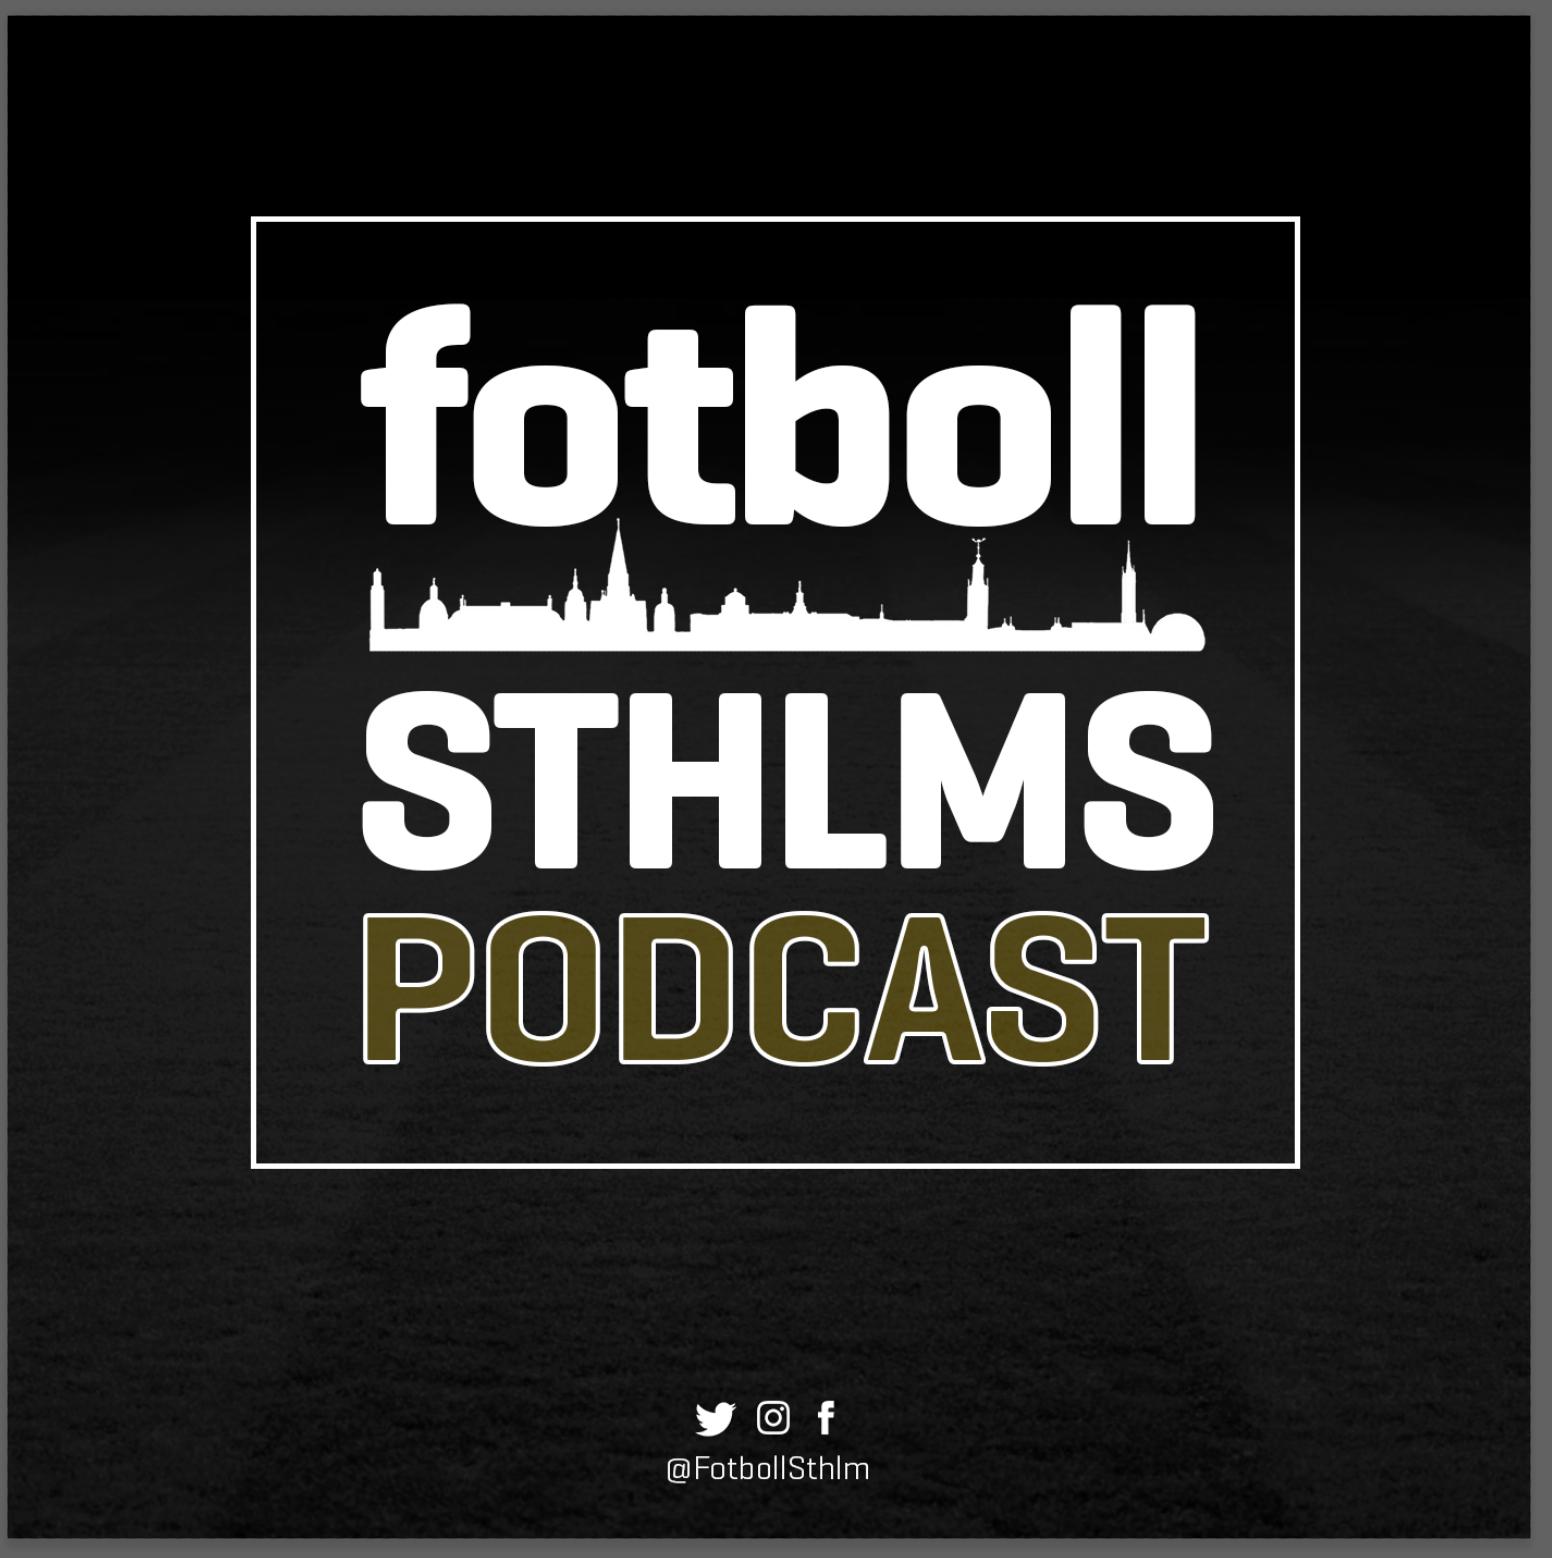 Fotboll Sthlms Podcast show art